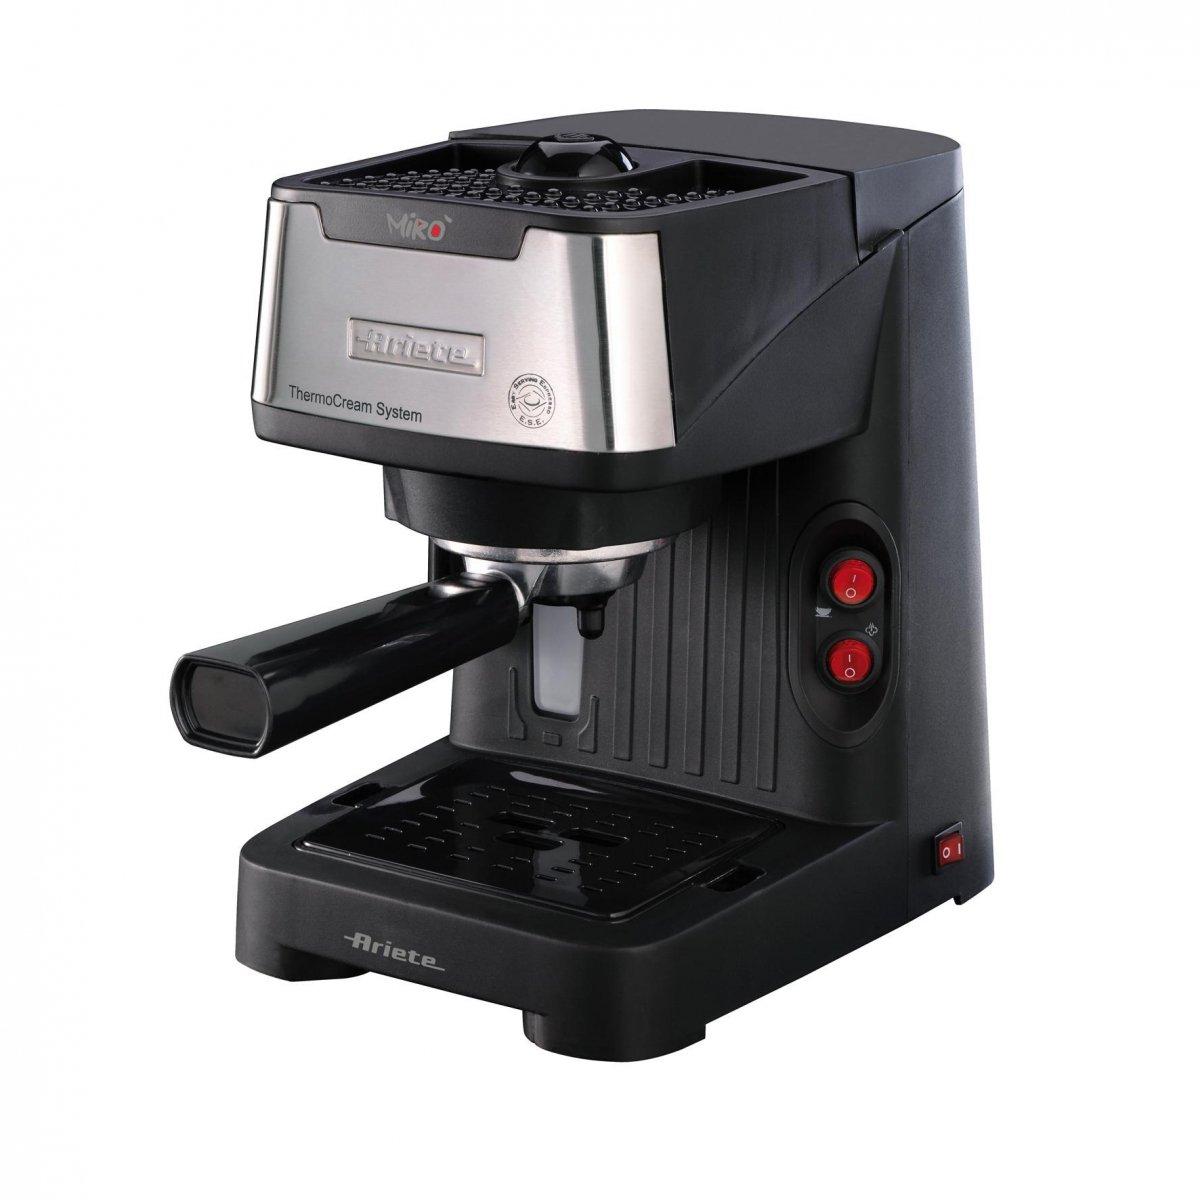 Ariete macchina caffe miro cromo ariete for Ariete elettrodomestici